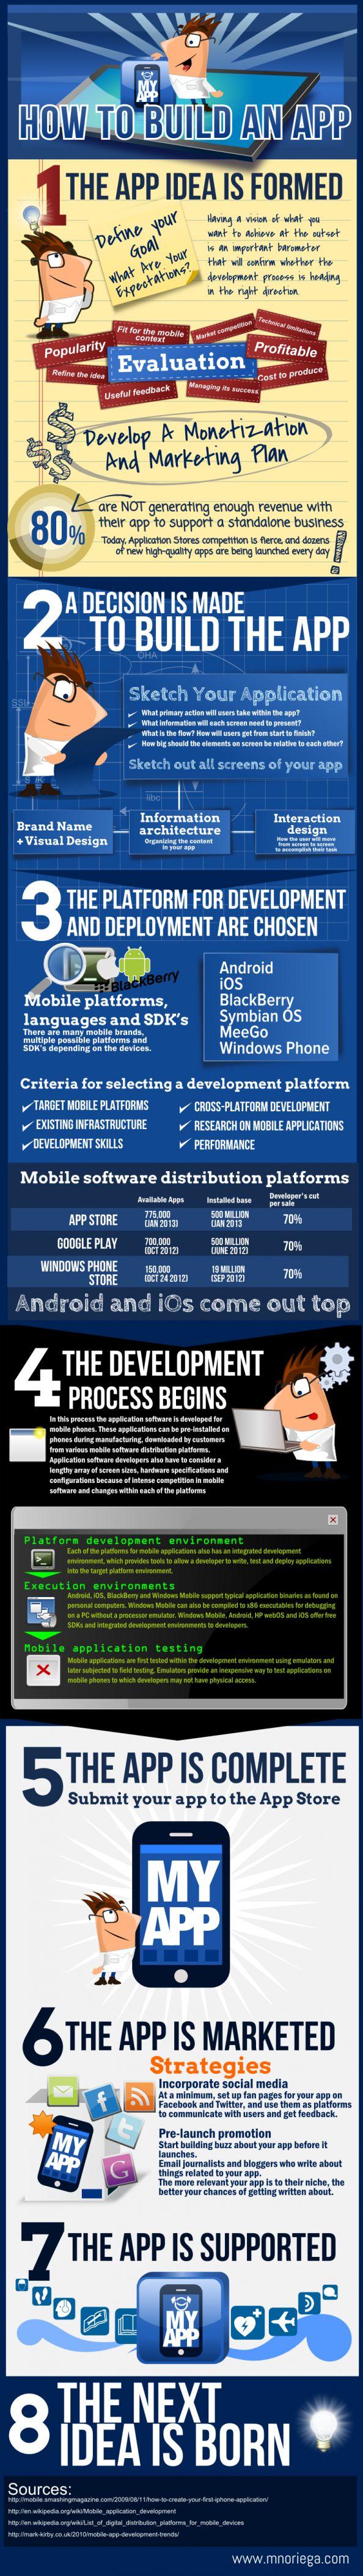 ¿Cómo construir una APP? #Startups #Infografía #Emprendimiento cc. @appsco